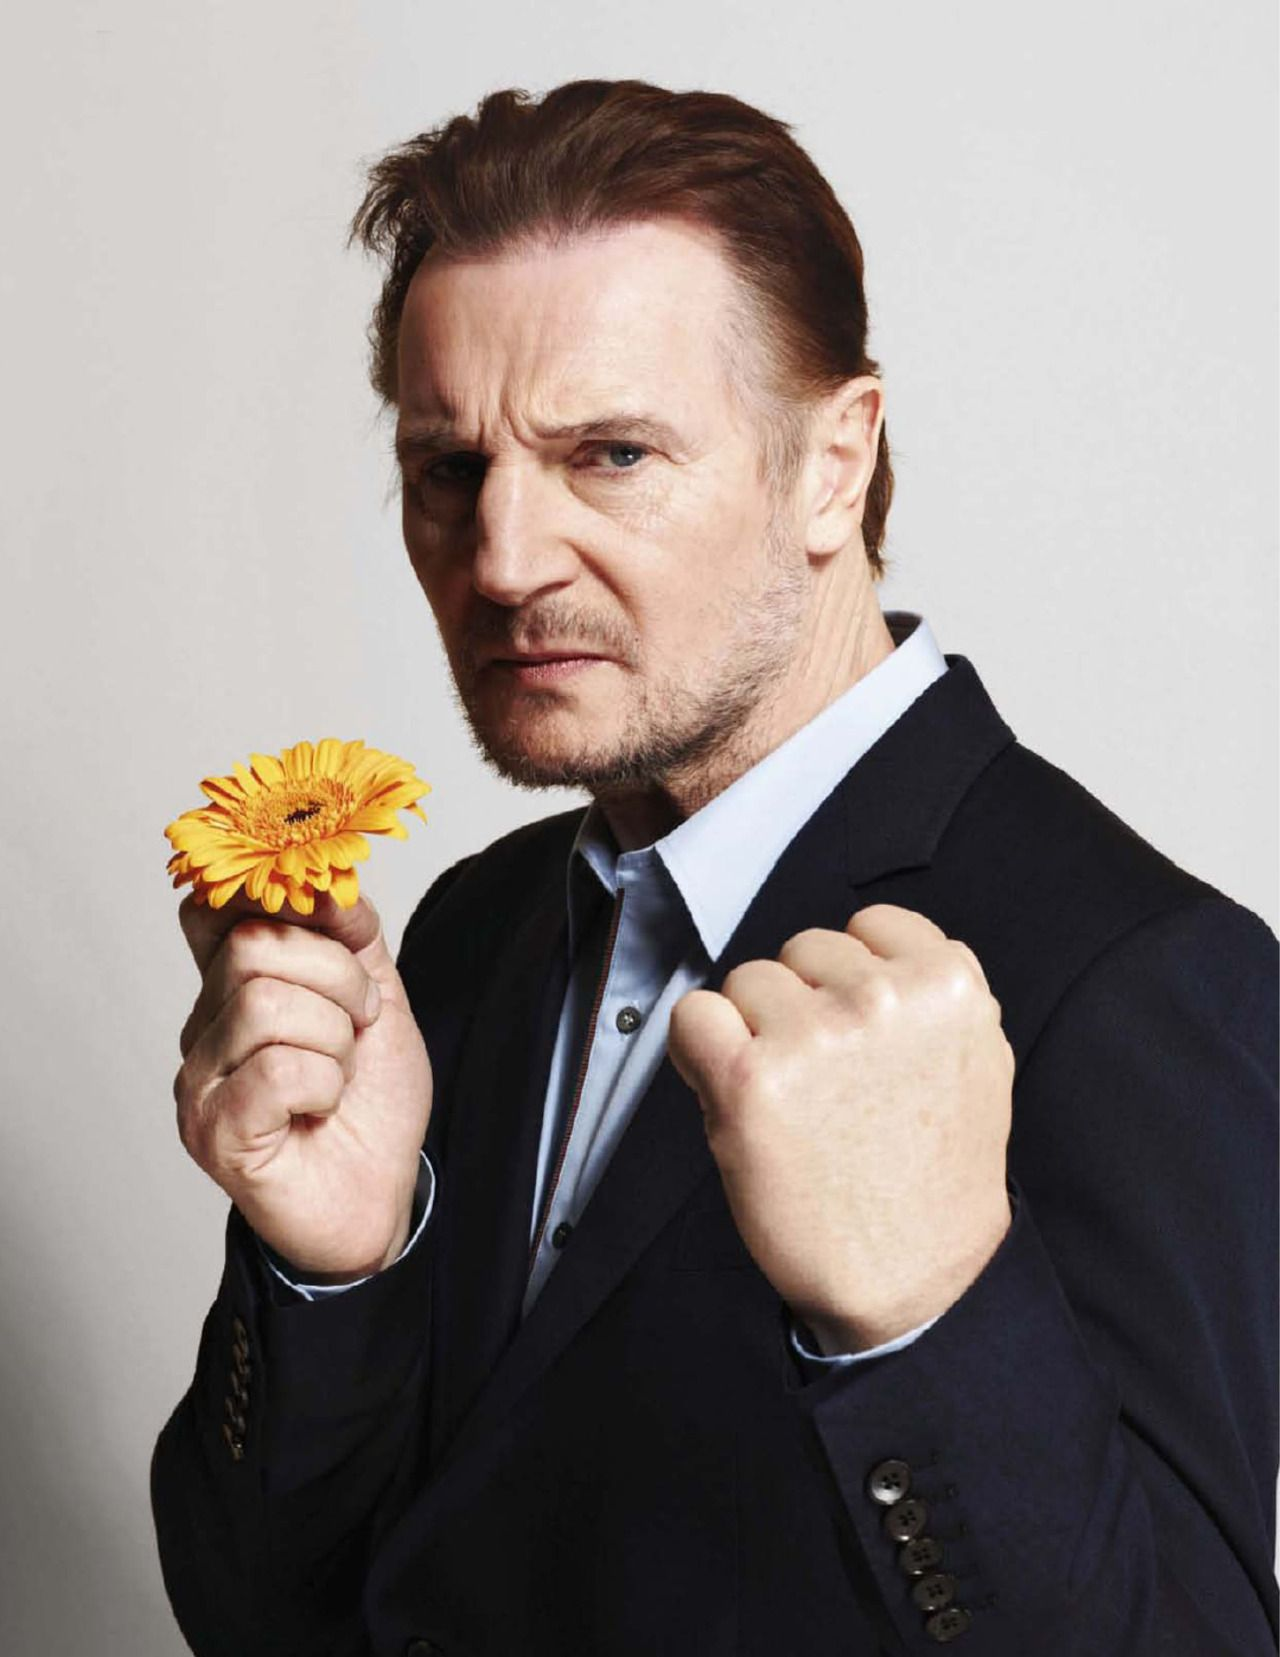 Liam Neeson fotografiado por Nigel Parry, 2012